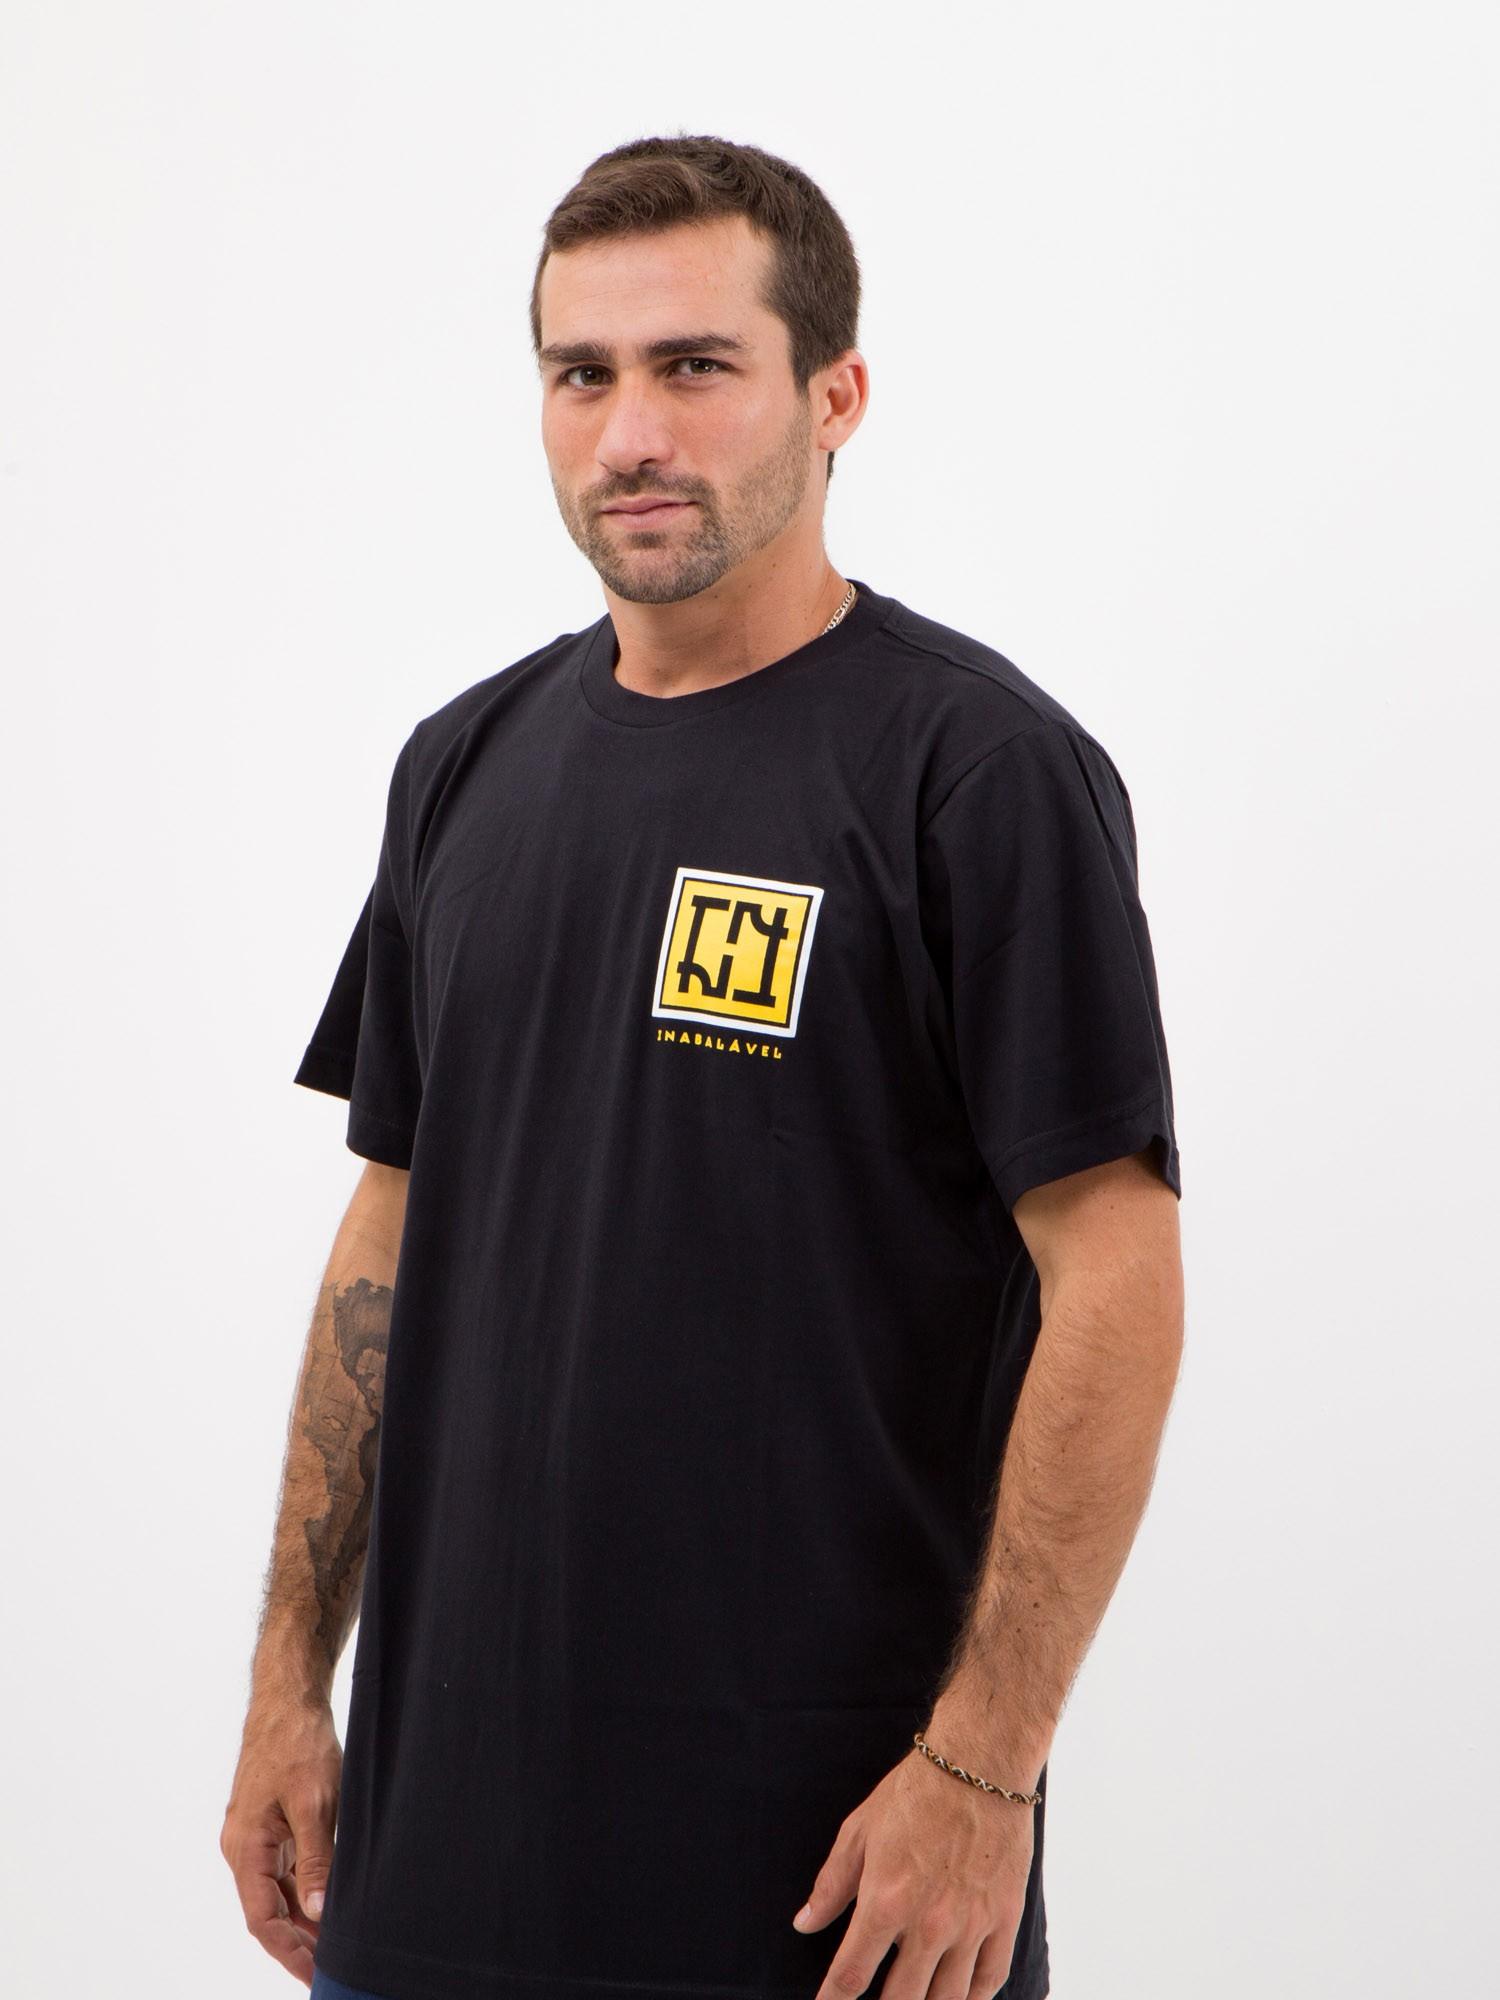 Camiseta Dayz eb70bef19af